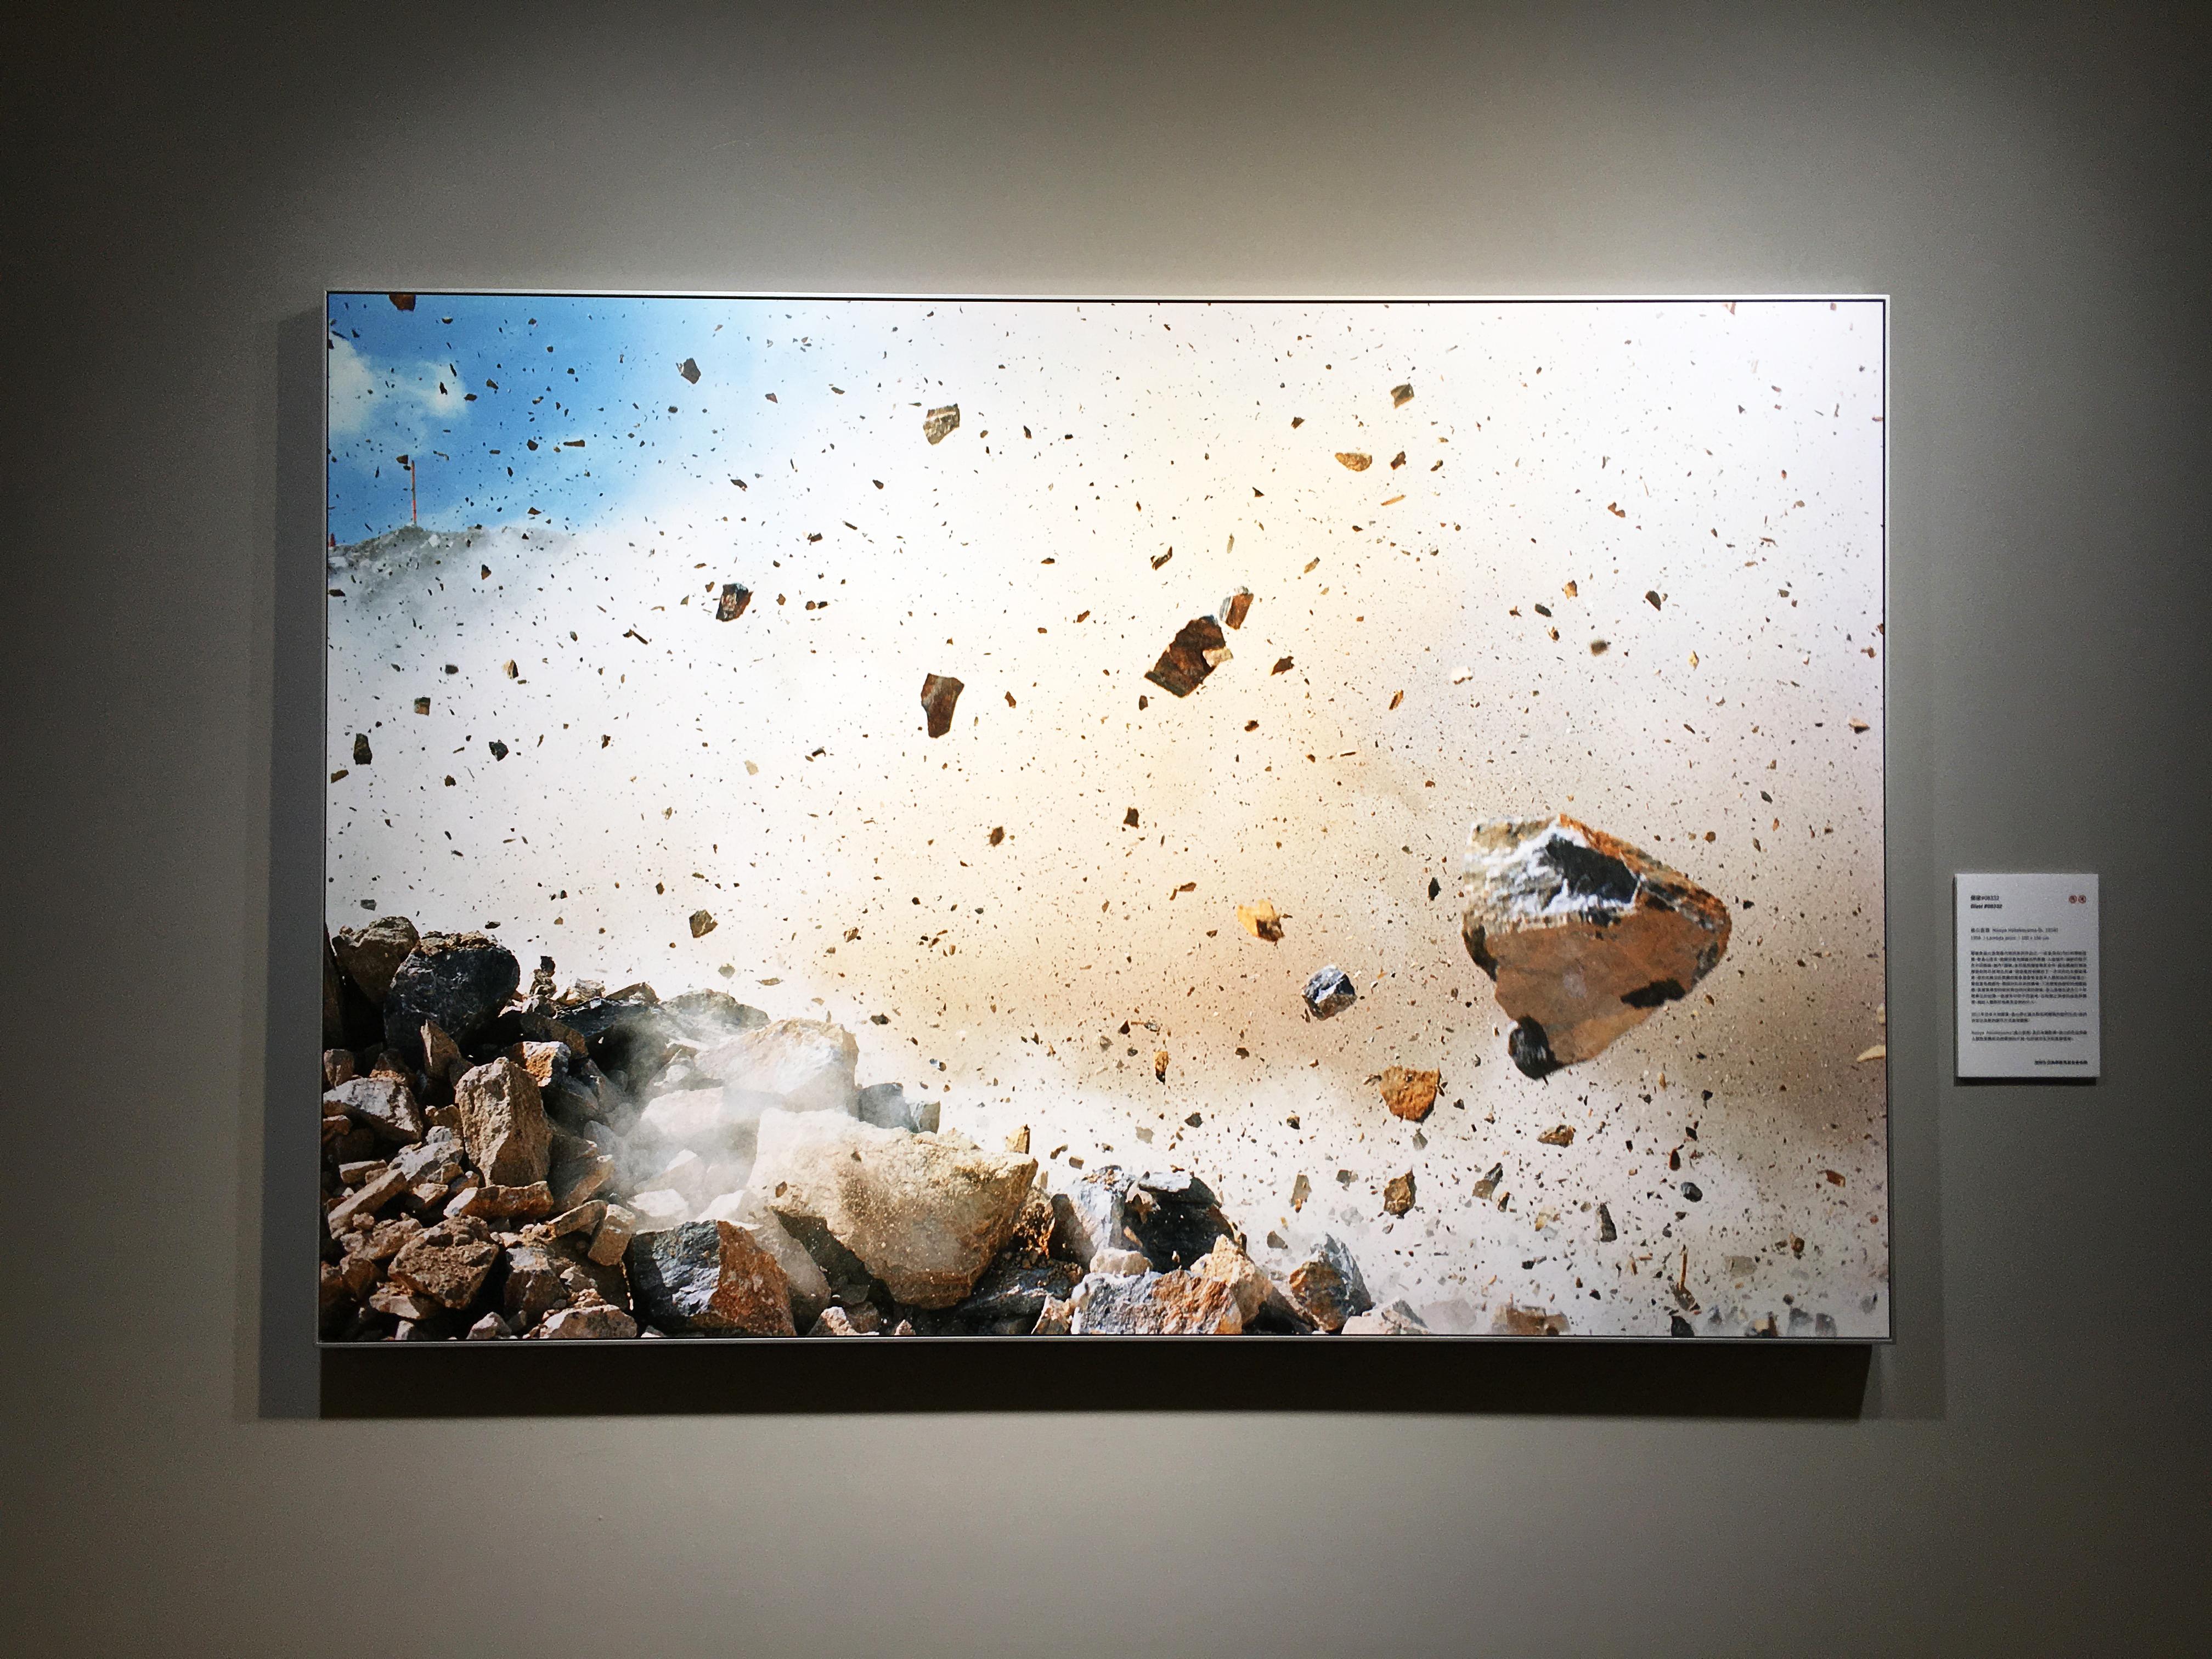 畠山直哉,《Naoya Hatakeyama(b.1985)》,100 X 150 cm,Lambda print,1999。